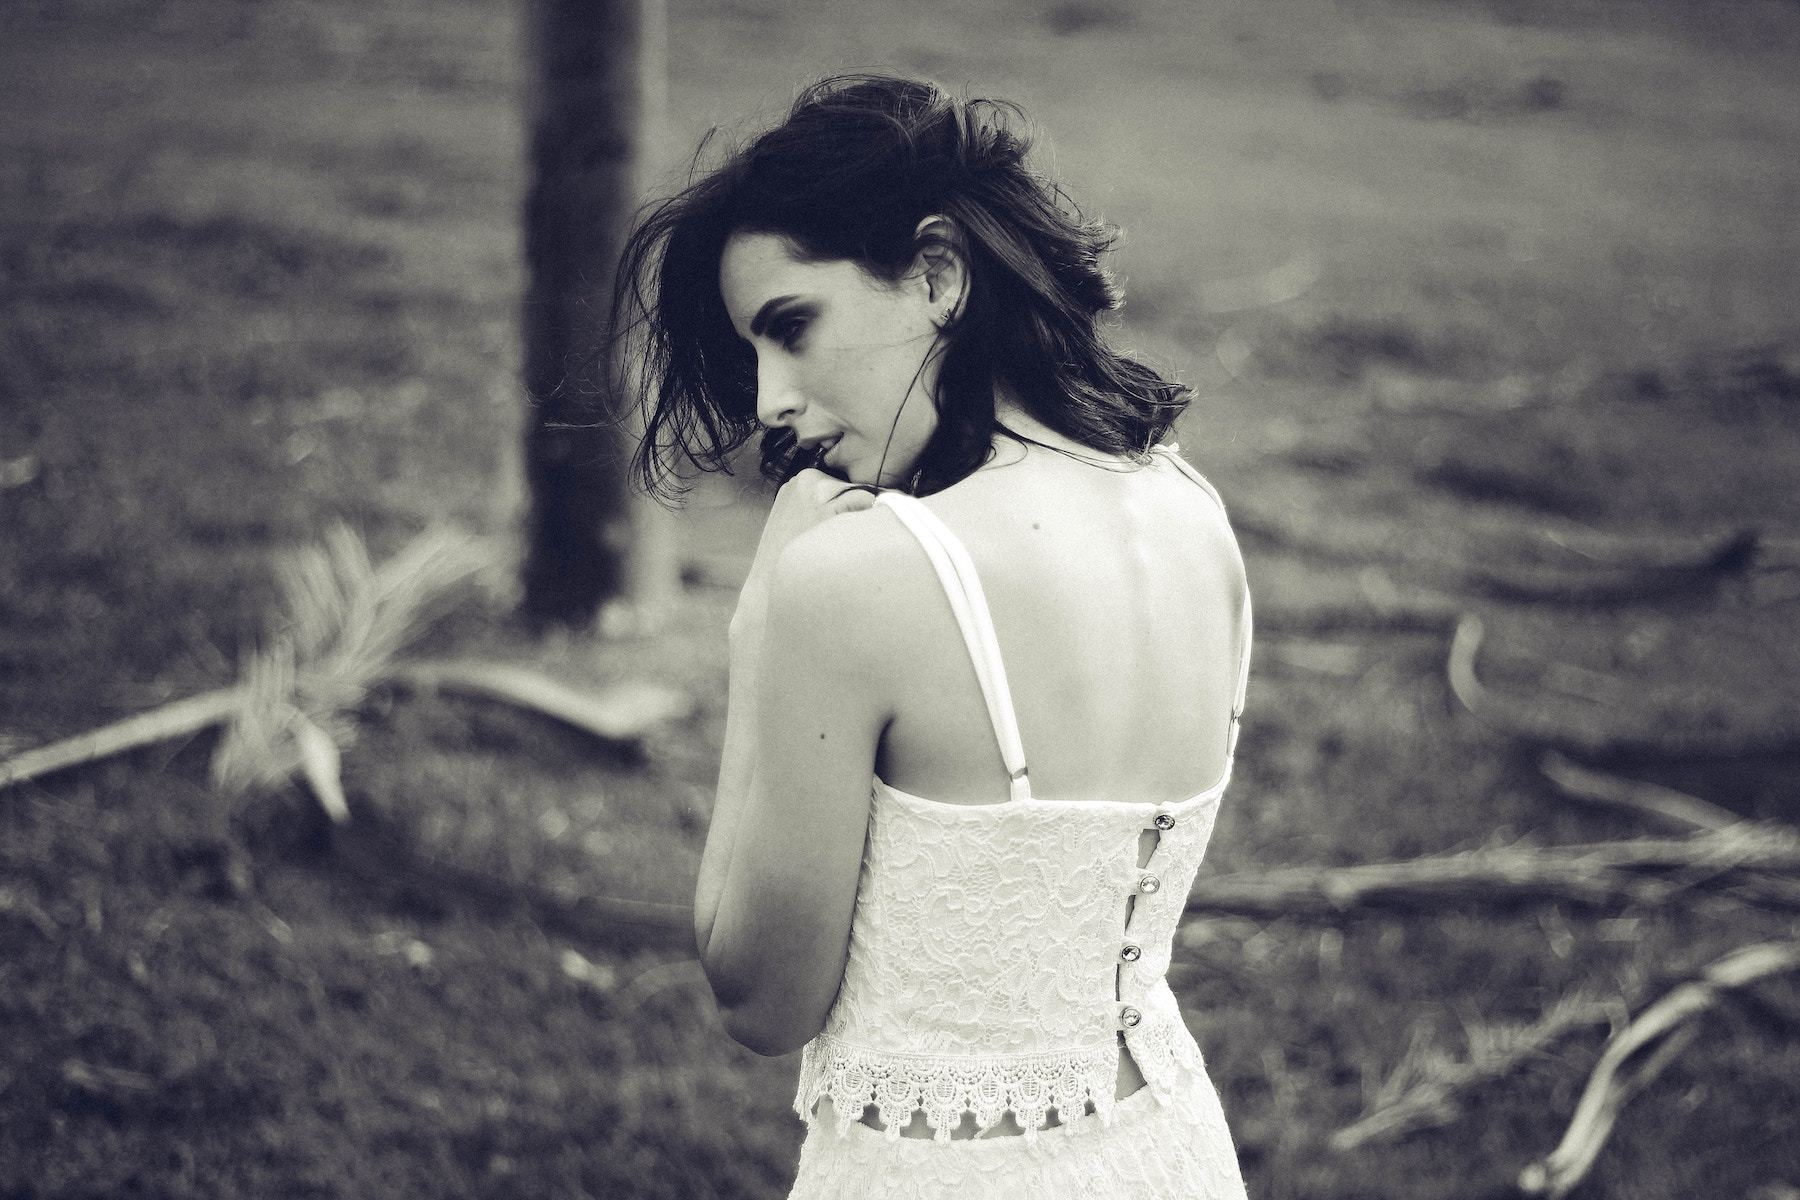 女性の後ろ姿の白黒写真